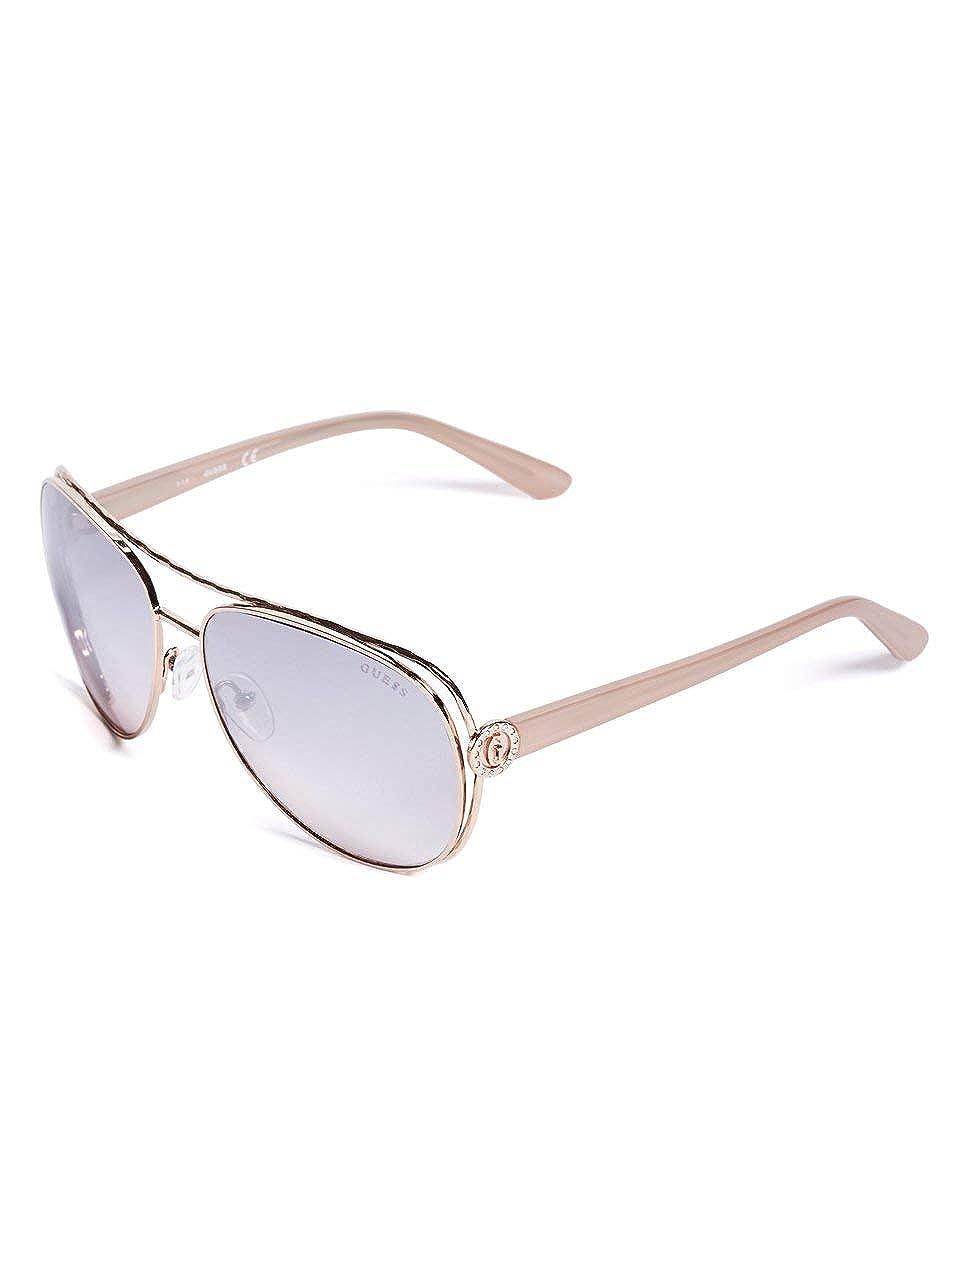 Amazon.com: Guess Factory - Gafas de sol con logotipo de ...